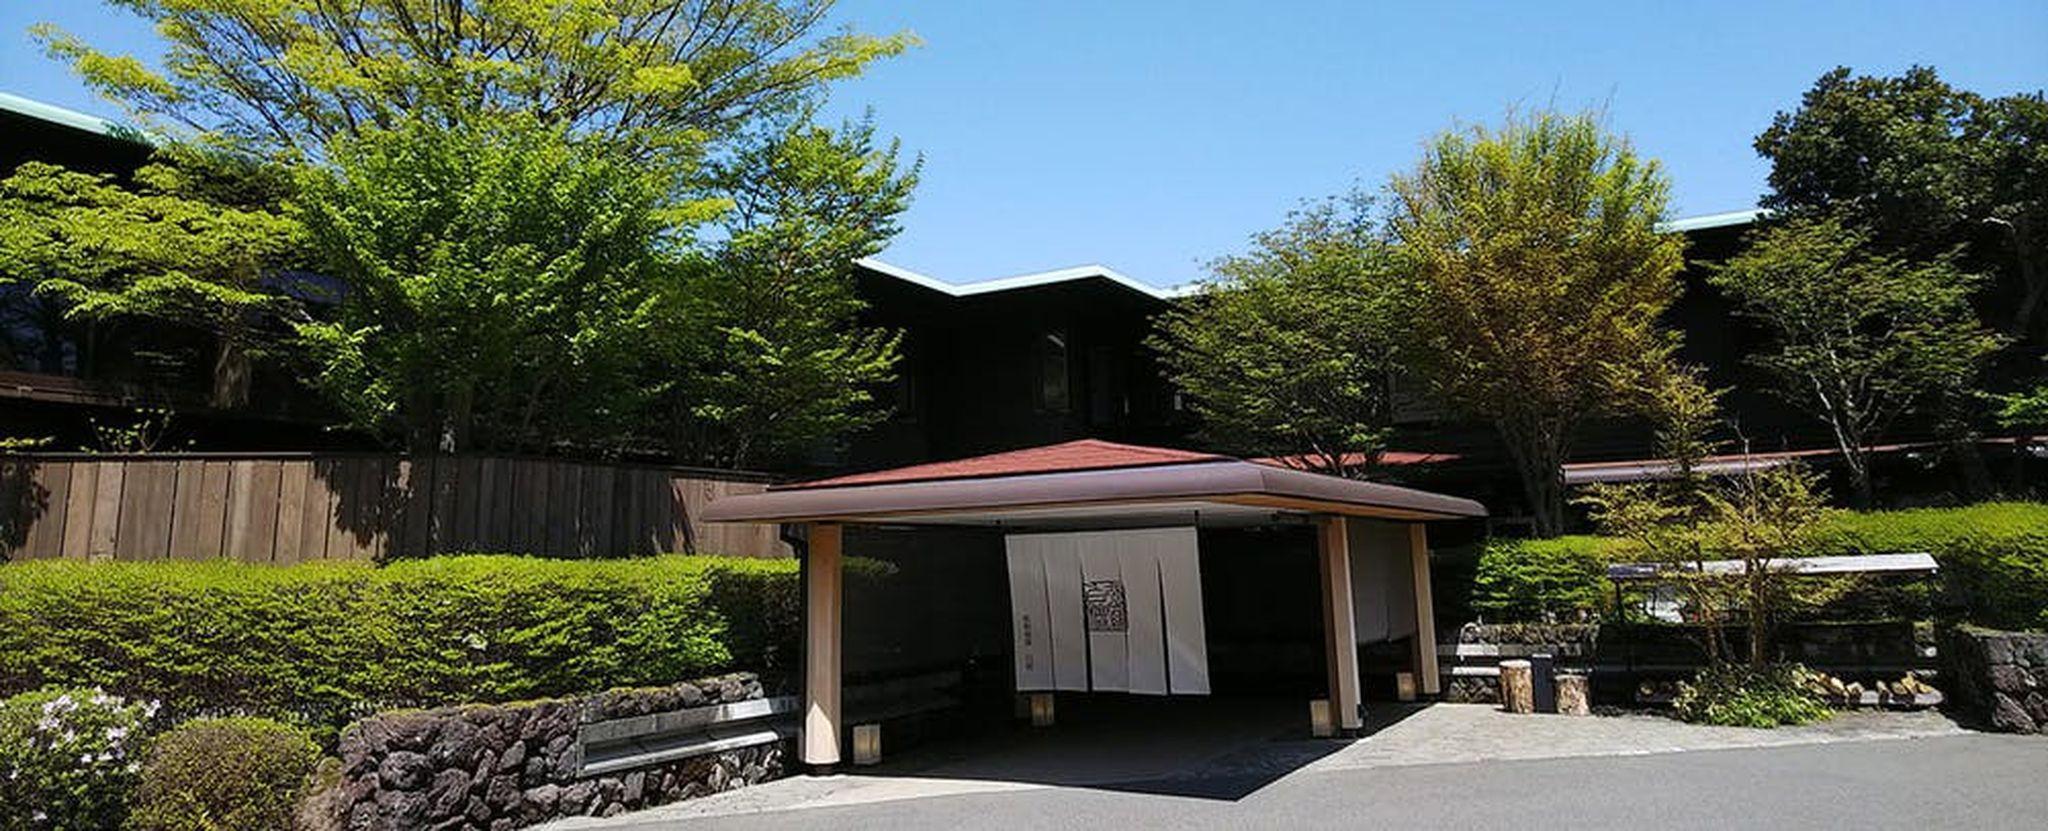 Hakone Gora Byakudan